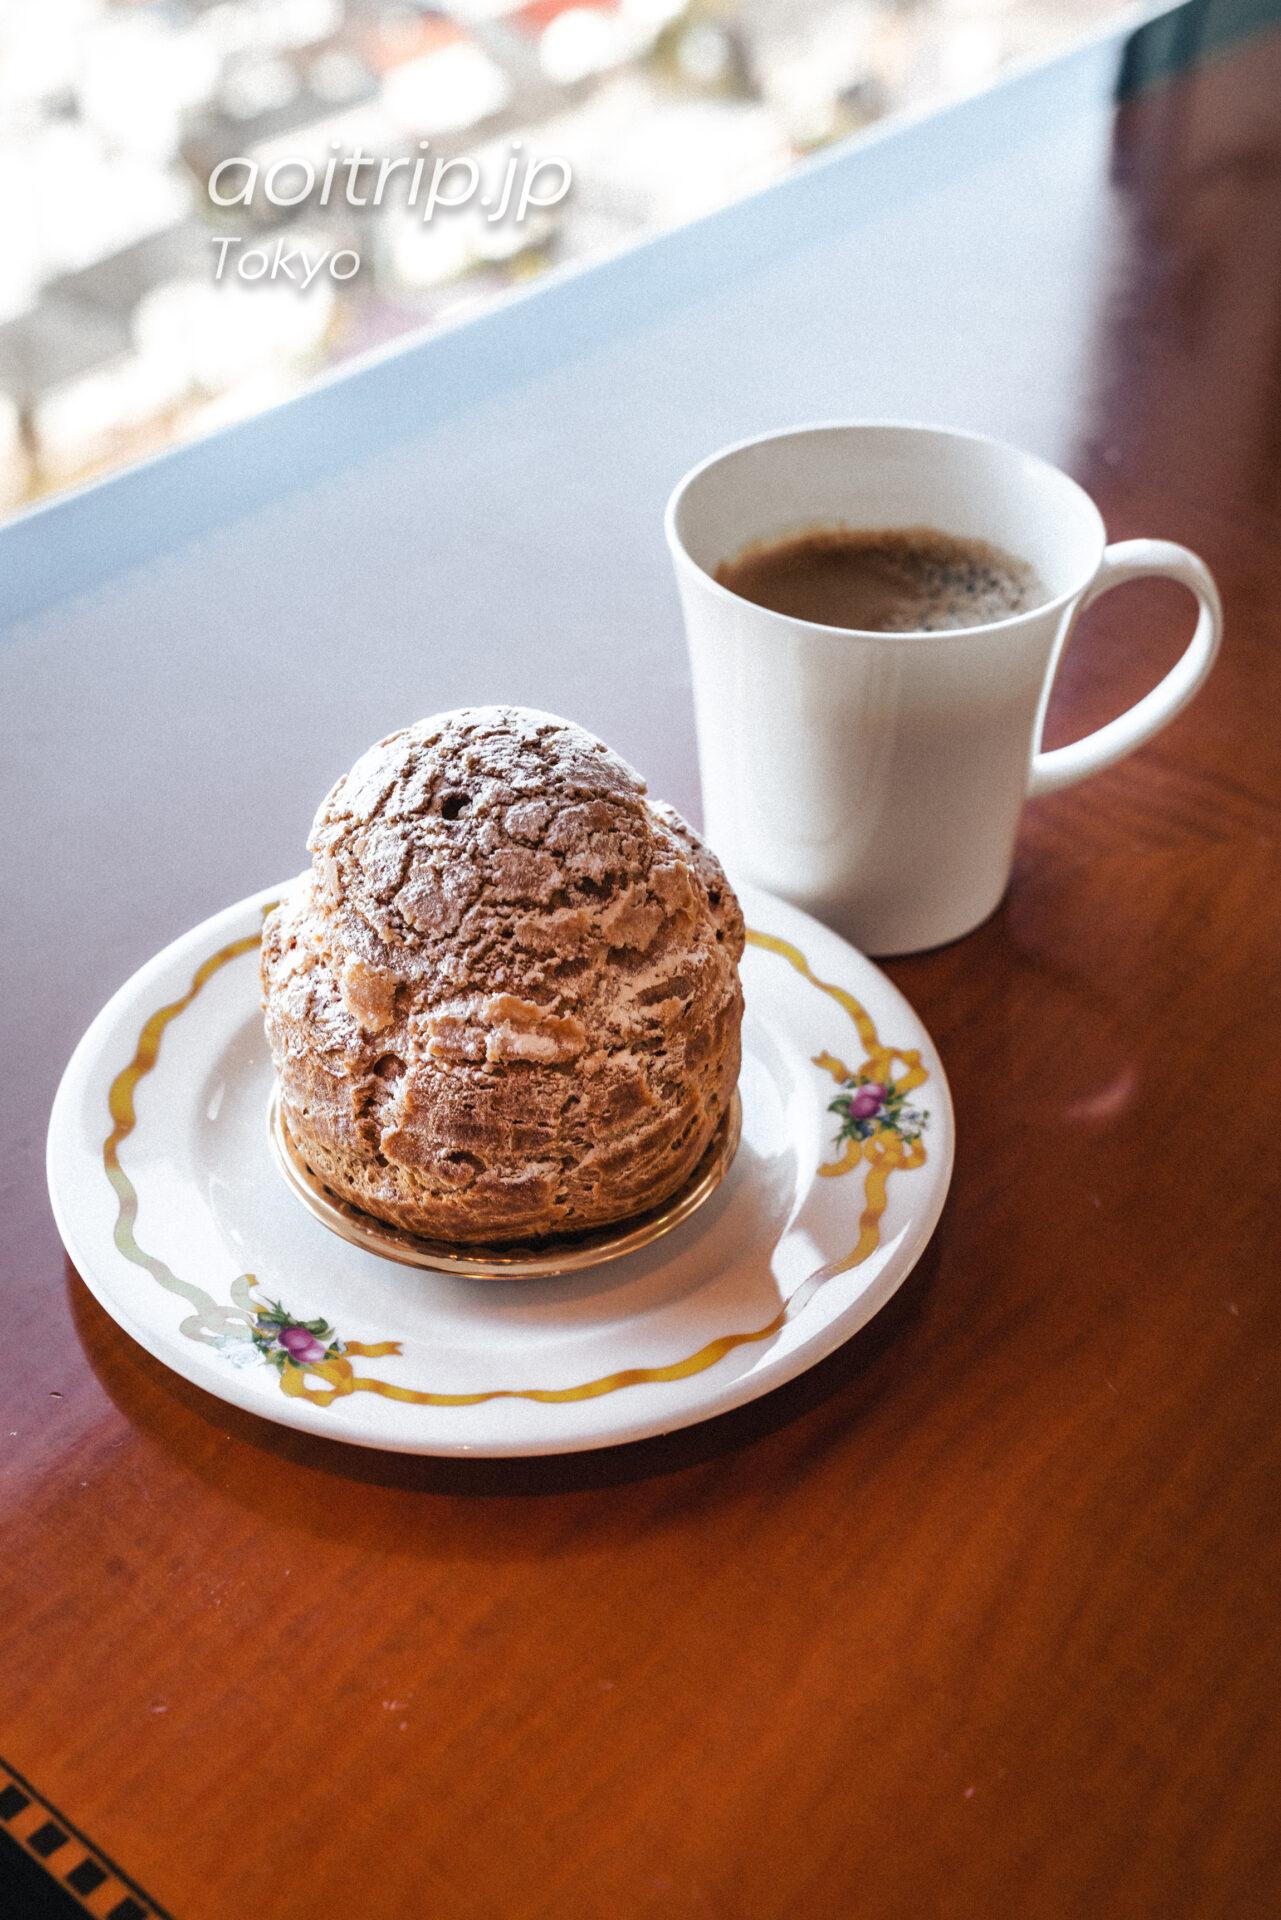 ウェスティン東京のペストリーブティック Westin Deliのシュークリーム Choux Cream